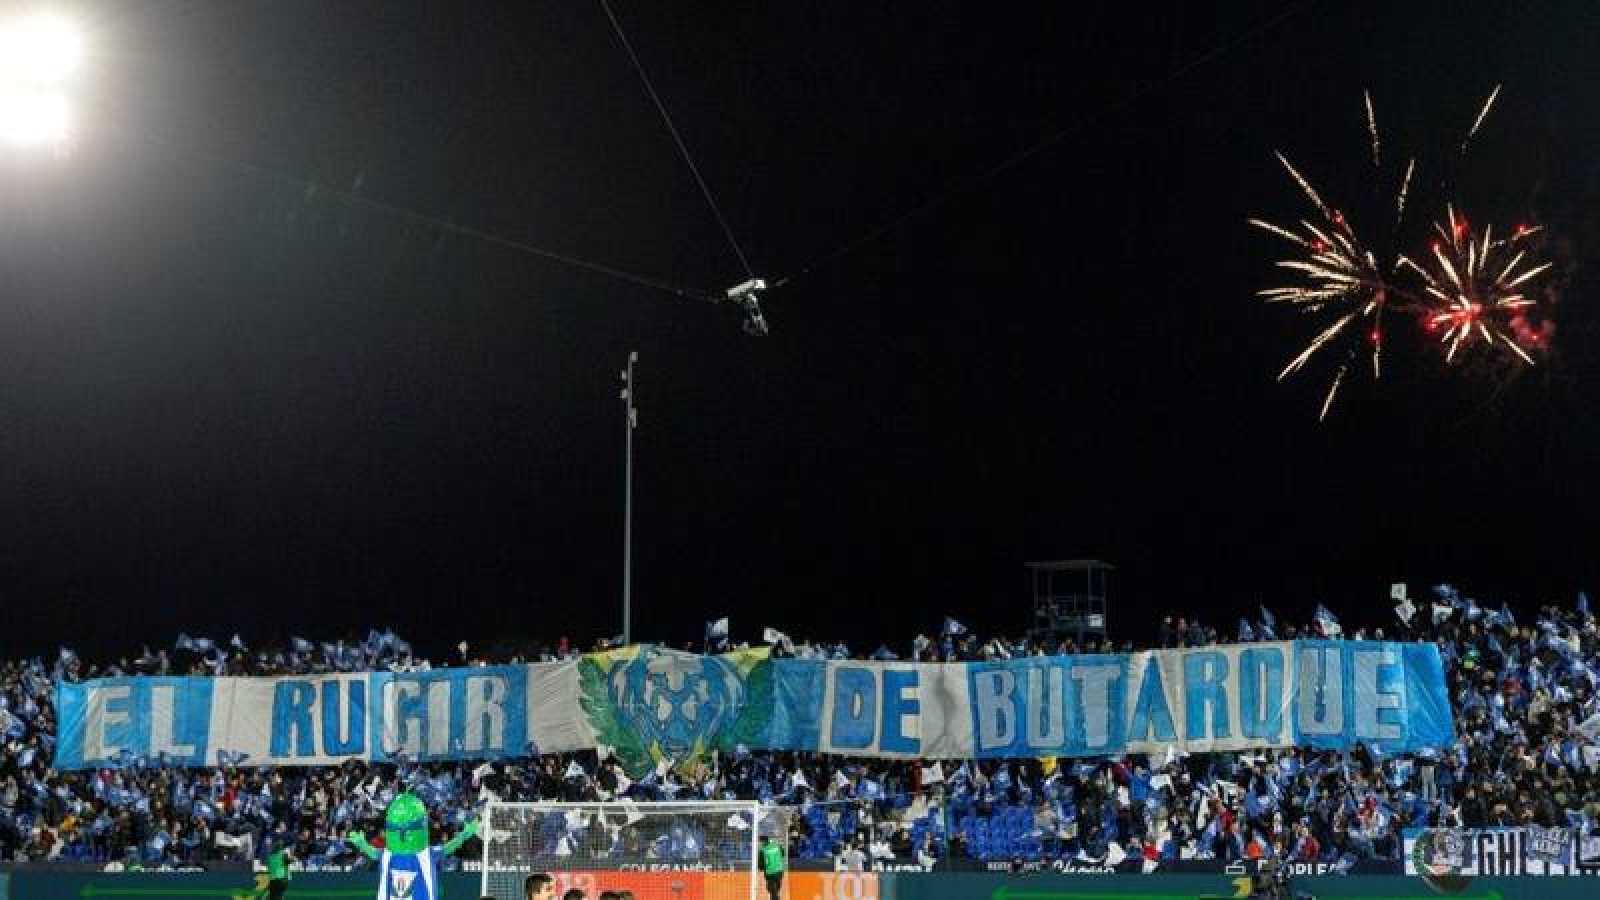 La afición del Leganés durante el partido de la jornada 20 de LaLiga en el Estadio de Butarque.